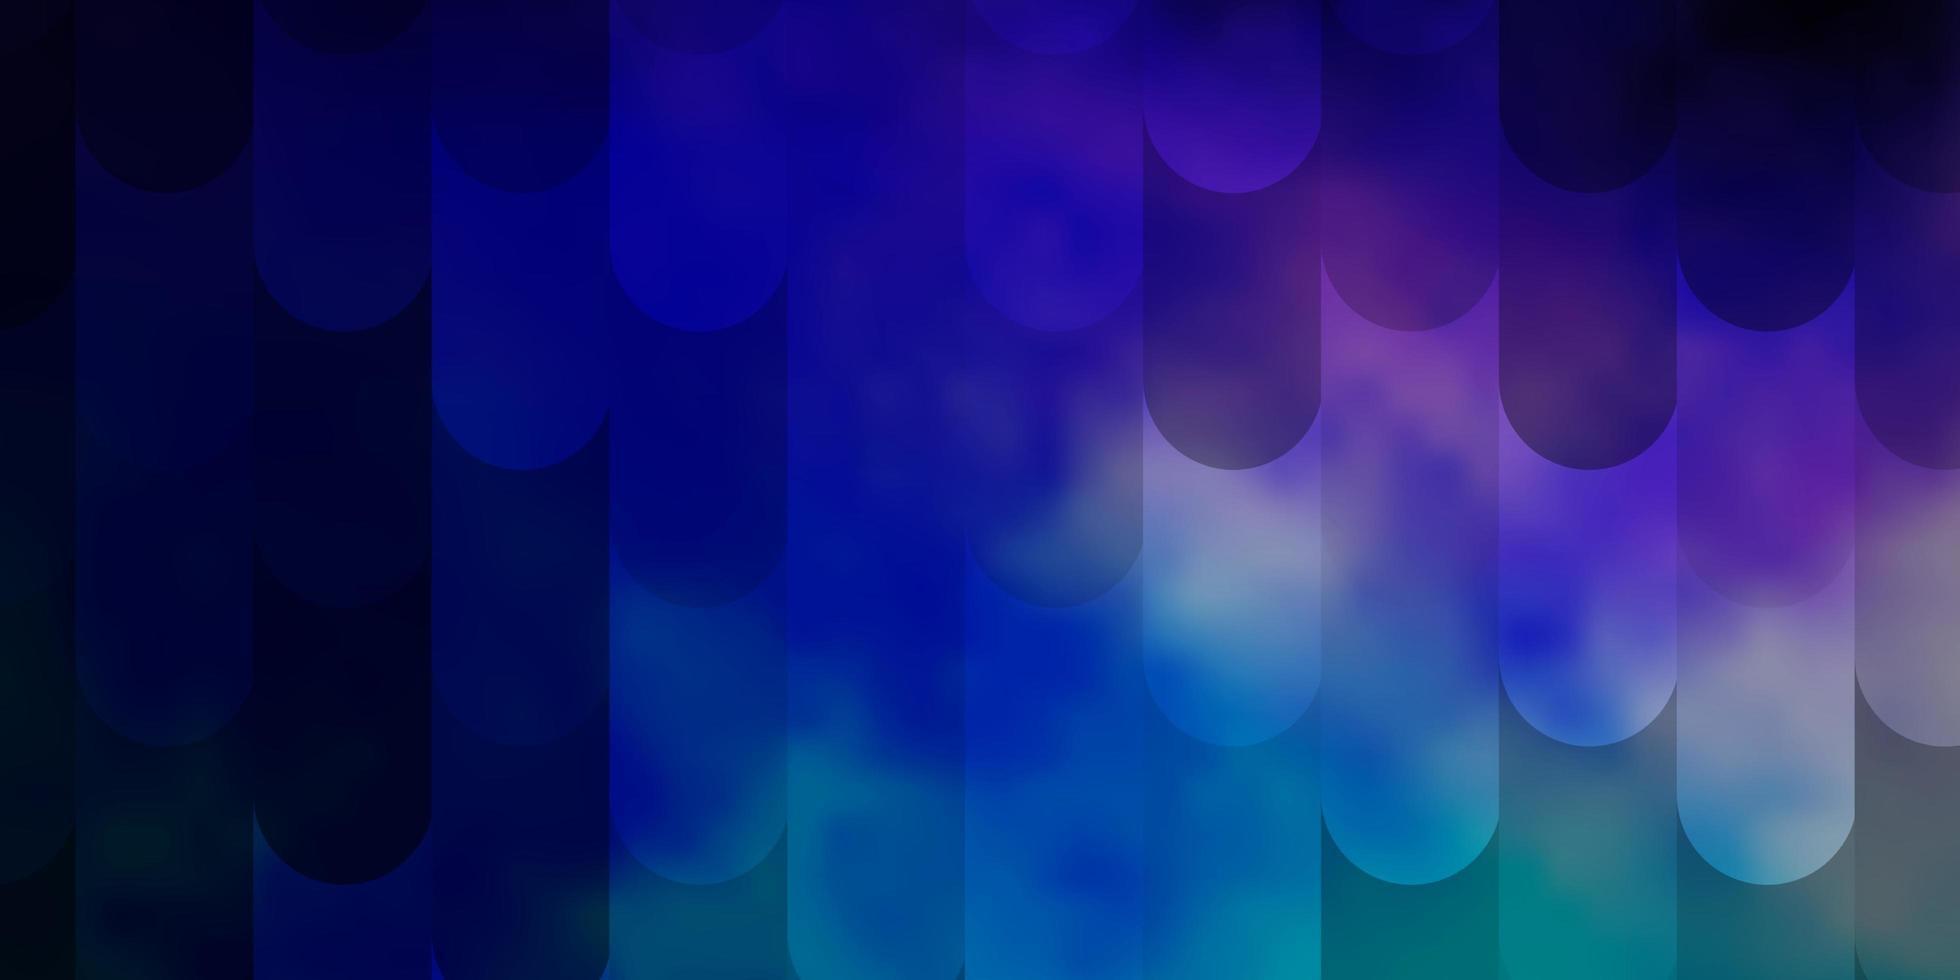 modelo de vetor rosa escuro, azul com linhas.